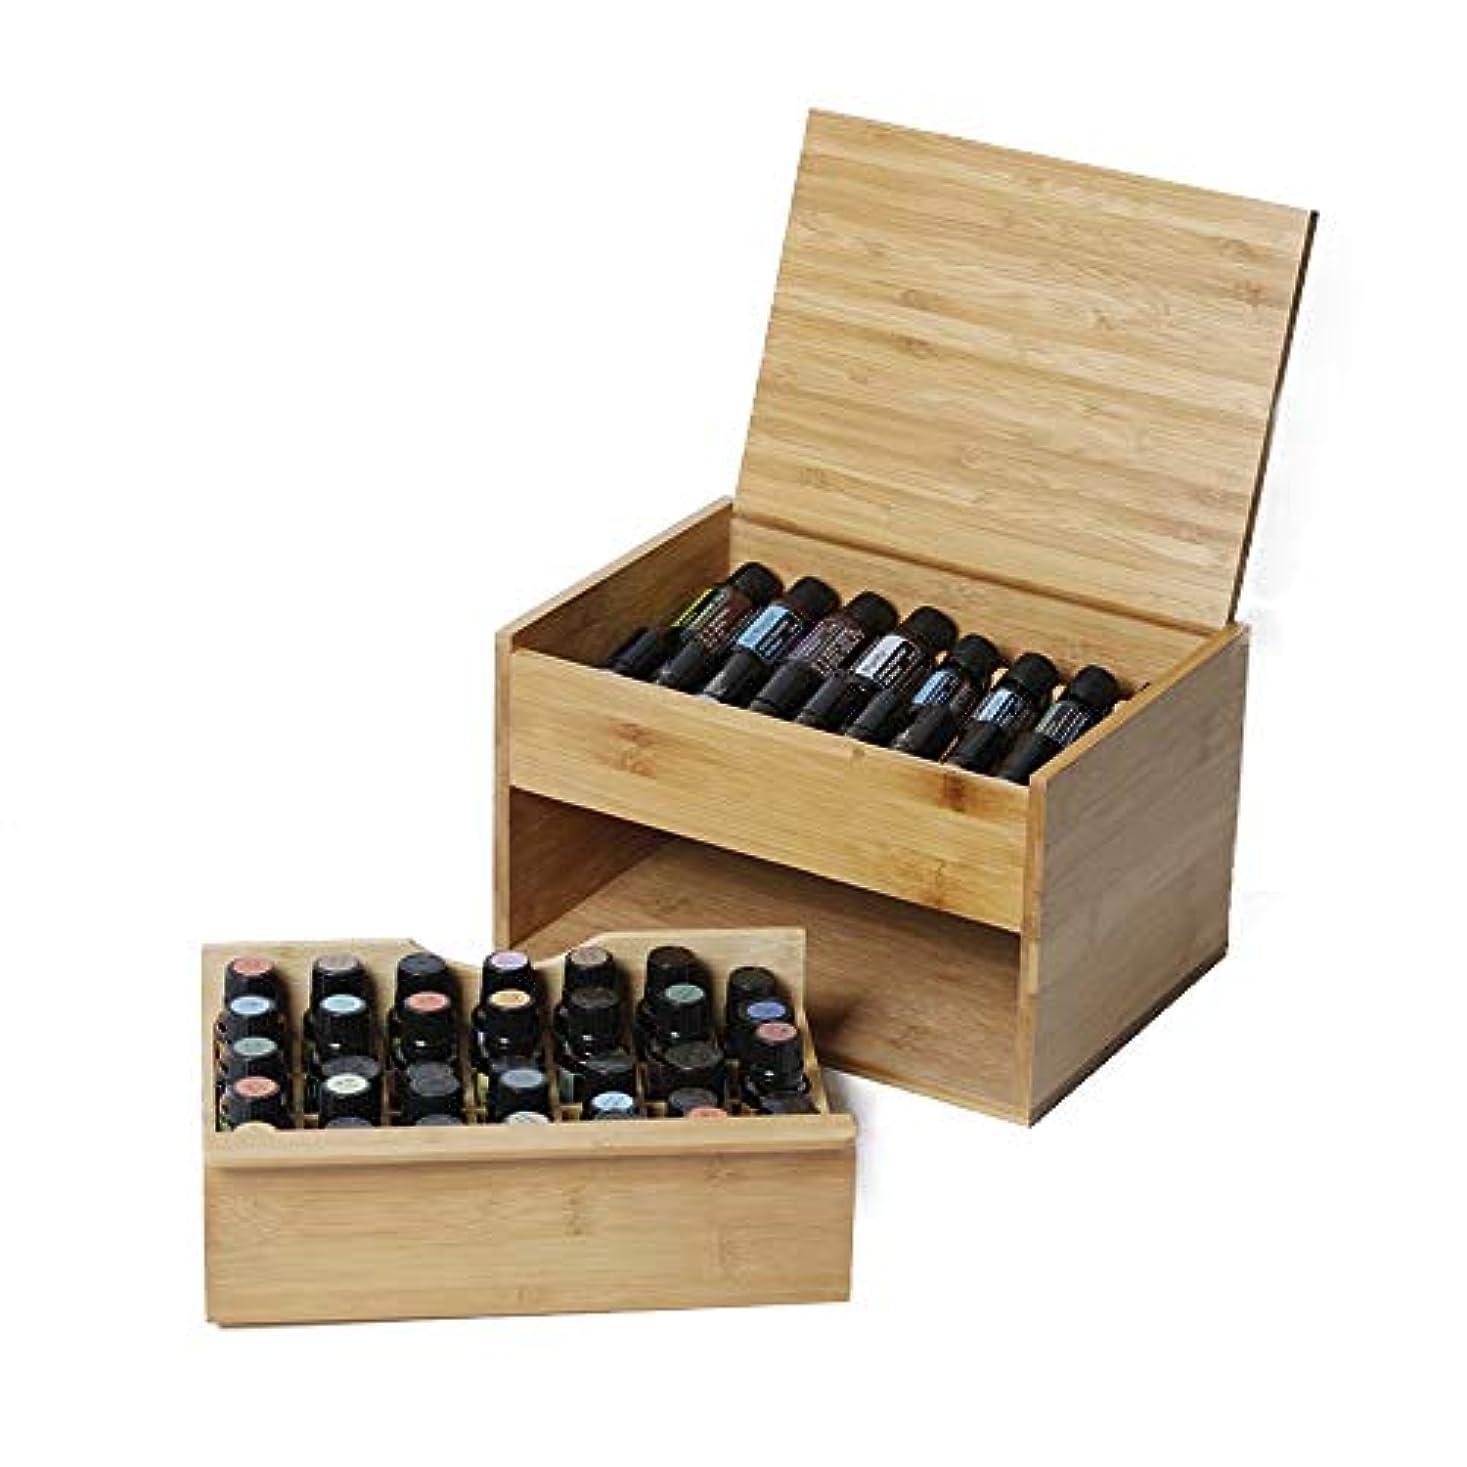 のりわなペルセウスエッセンシャルオイル収納ボックス 2ティアエッセンシャルオイルストレージボックス主催者は53本の5?15ミリリットル油のボトルを保持します (色 : Natural, サイズ : 26.3X18.8X16CM)